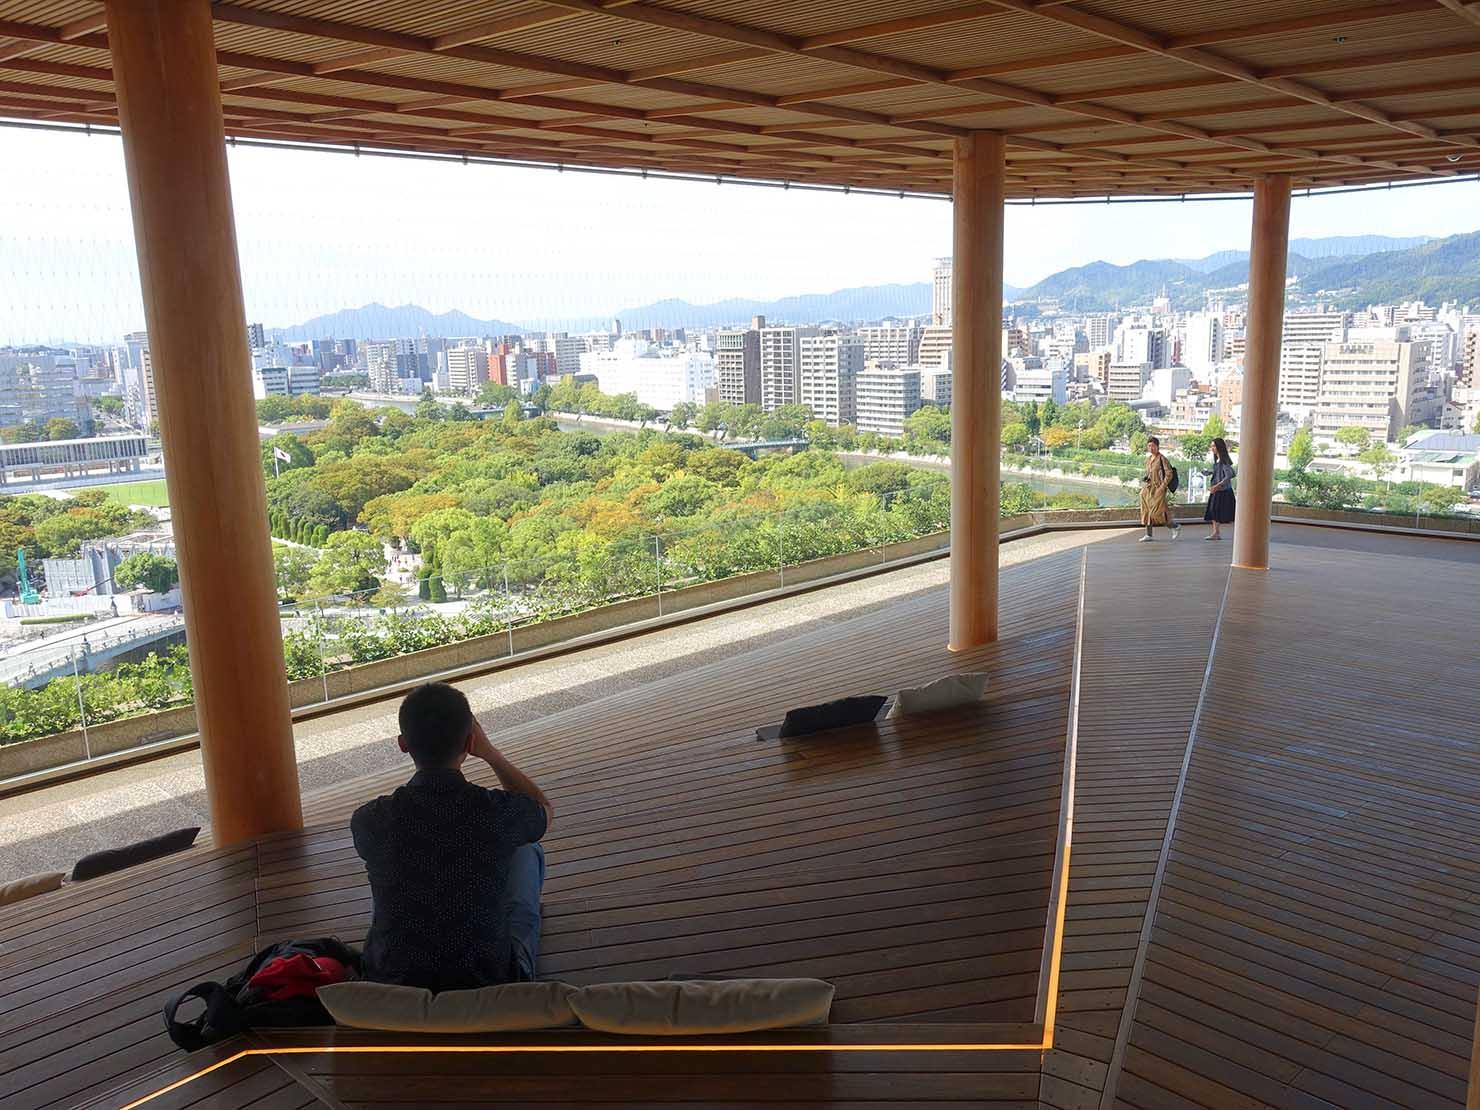 広島市内観光の見どころ「おりづるタワー」展望台・ひろしまの丘の座席